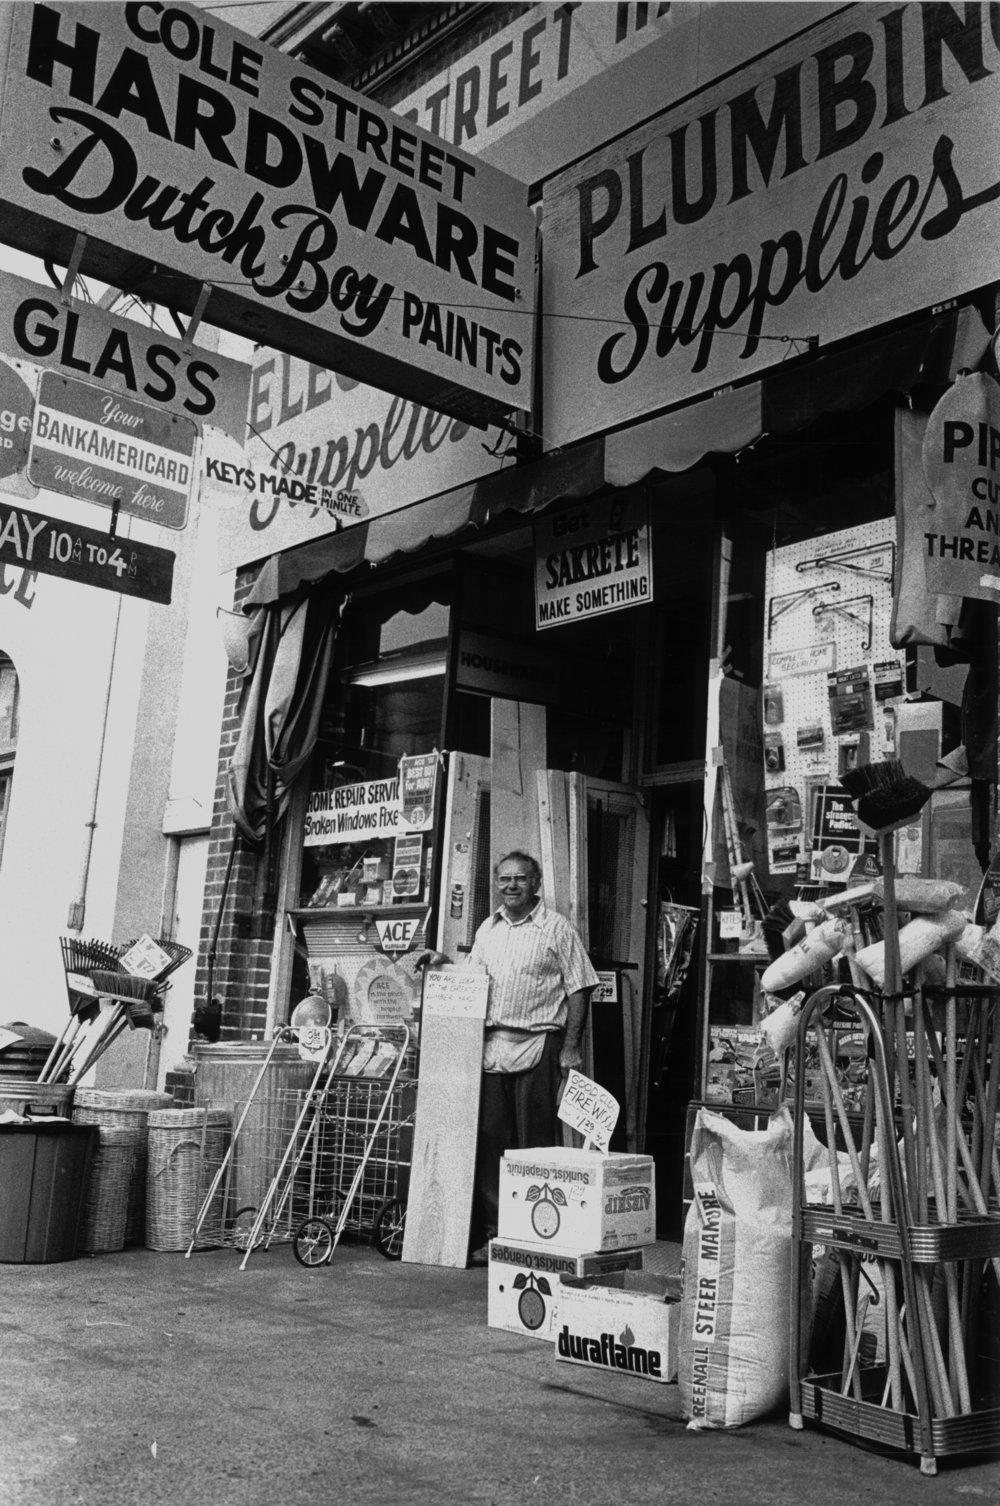 Dave Karp, en 1973, devant sa quincaillerie de la rue Cole (reproduit avec l'aimable autorisation de la famille Karp)